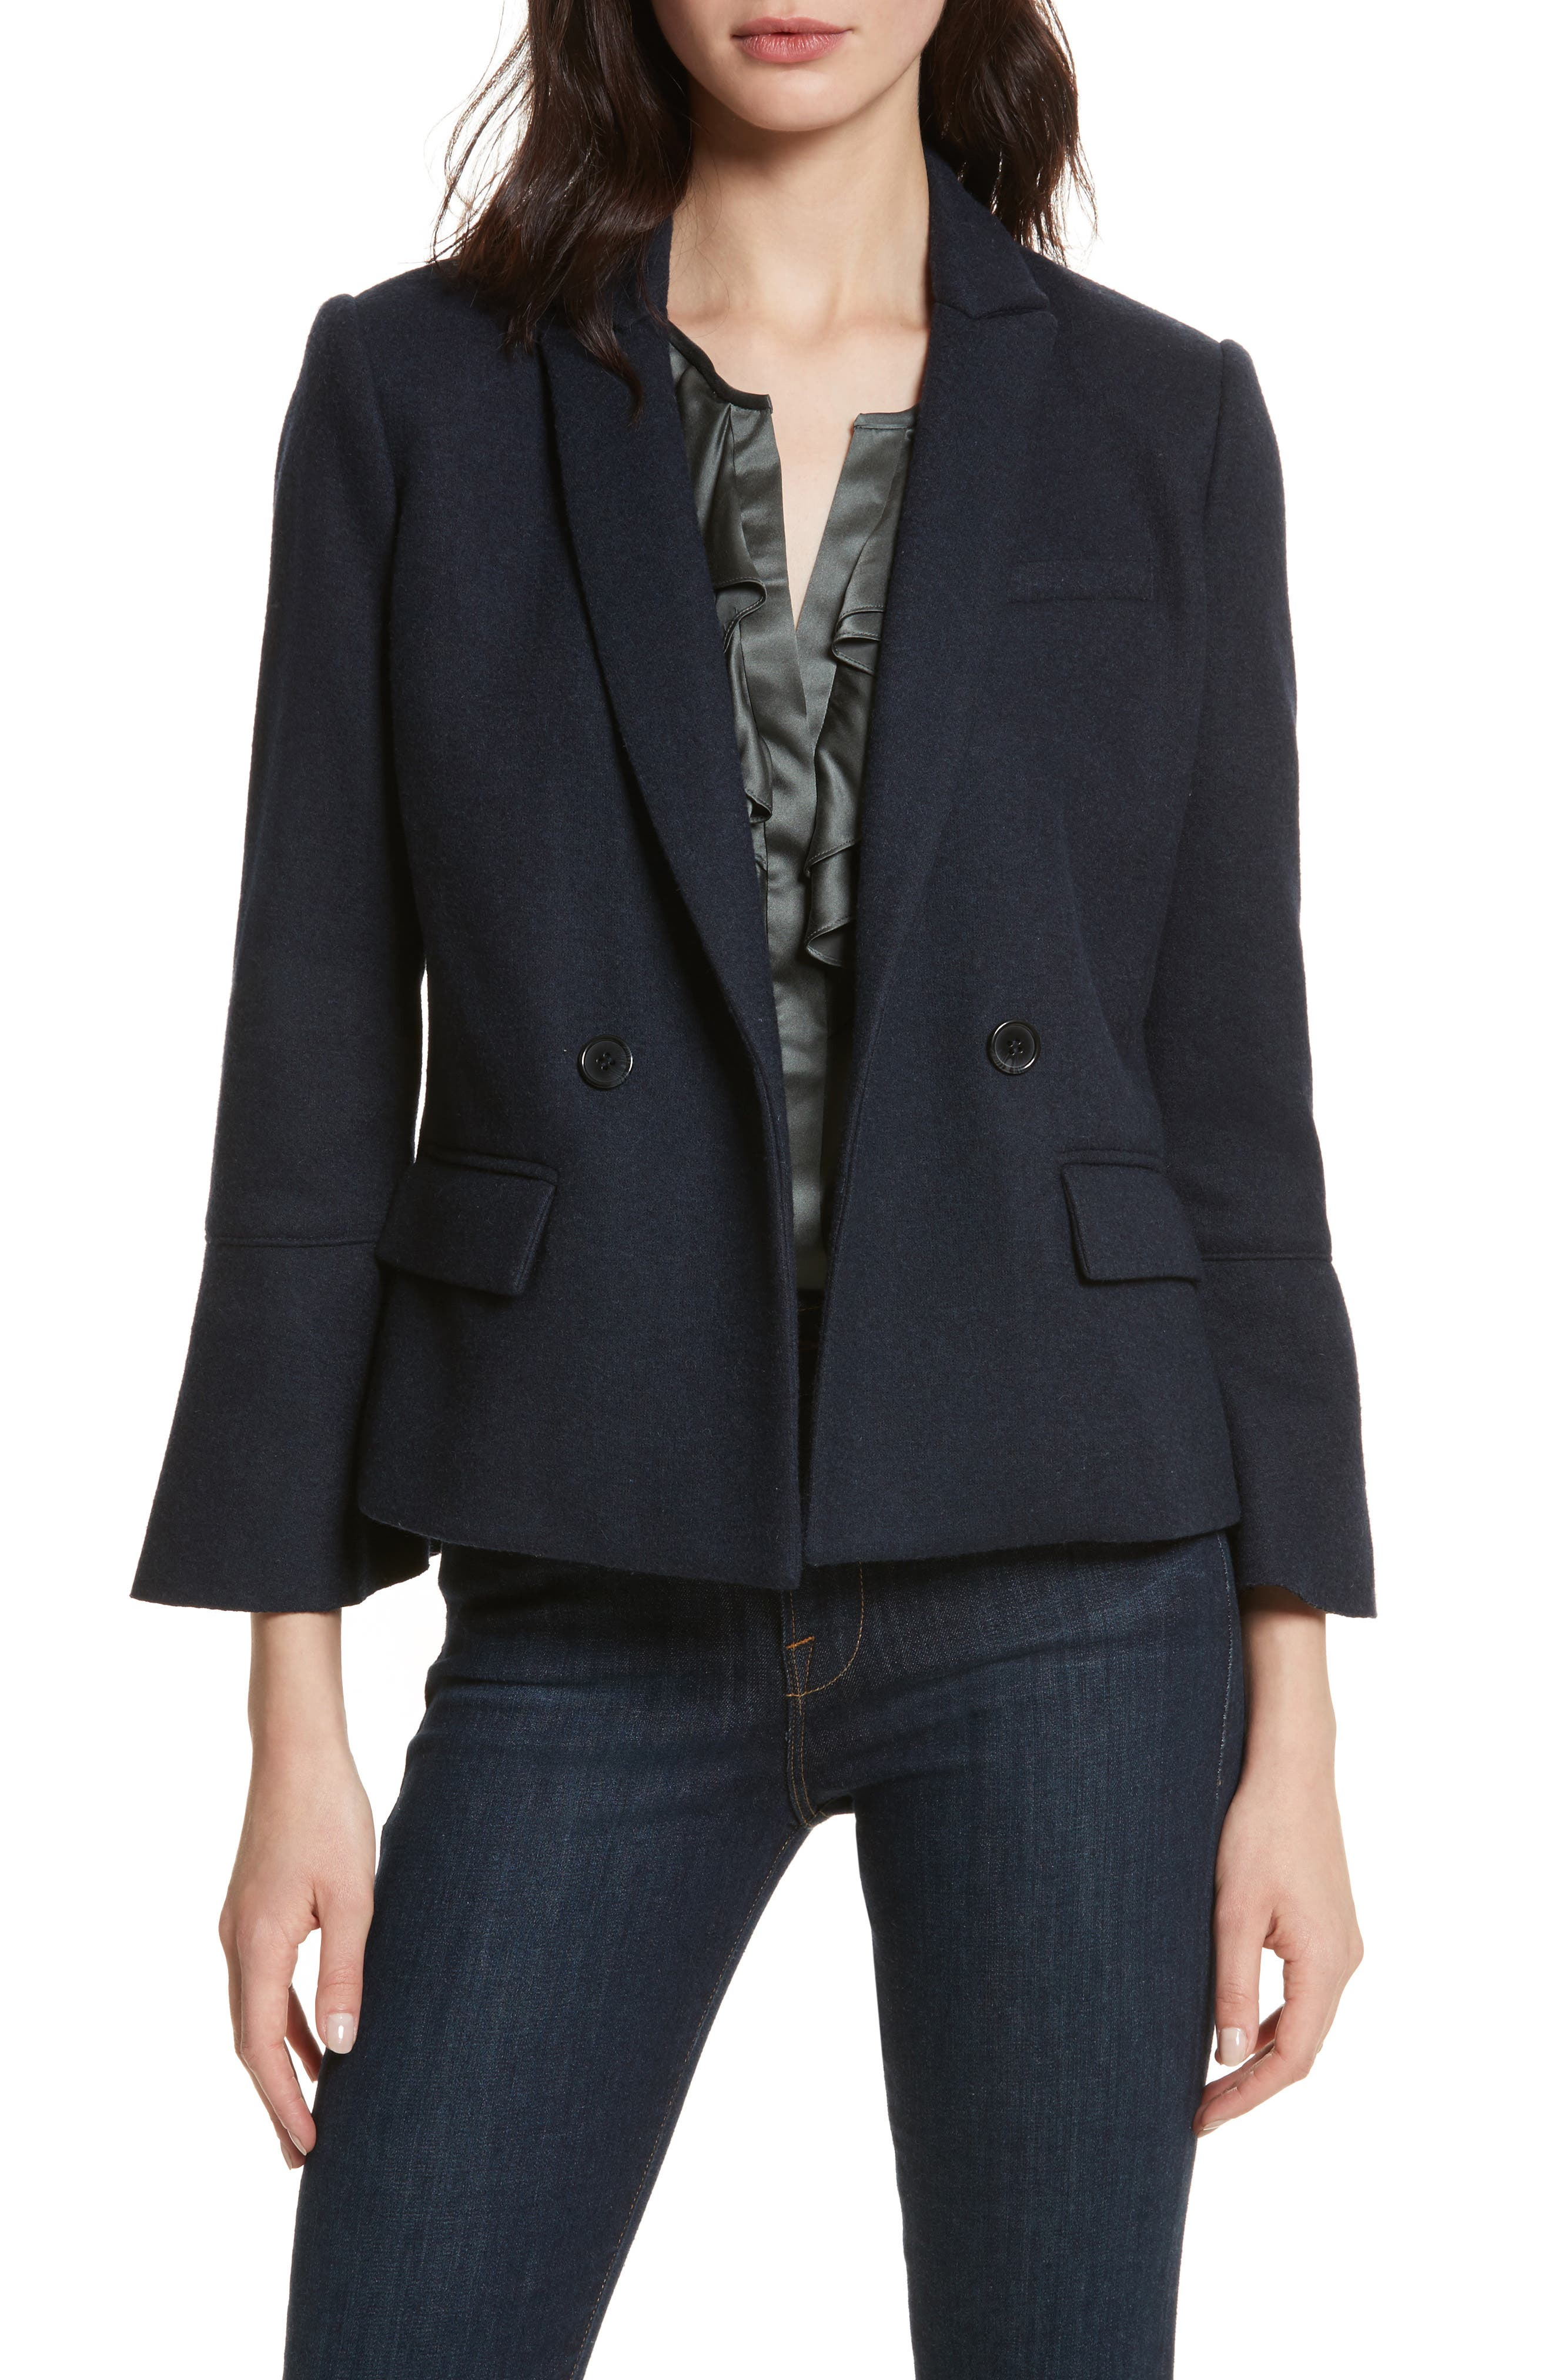 Joie Aeolia Bell Sleeve Jacket